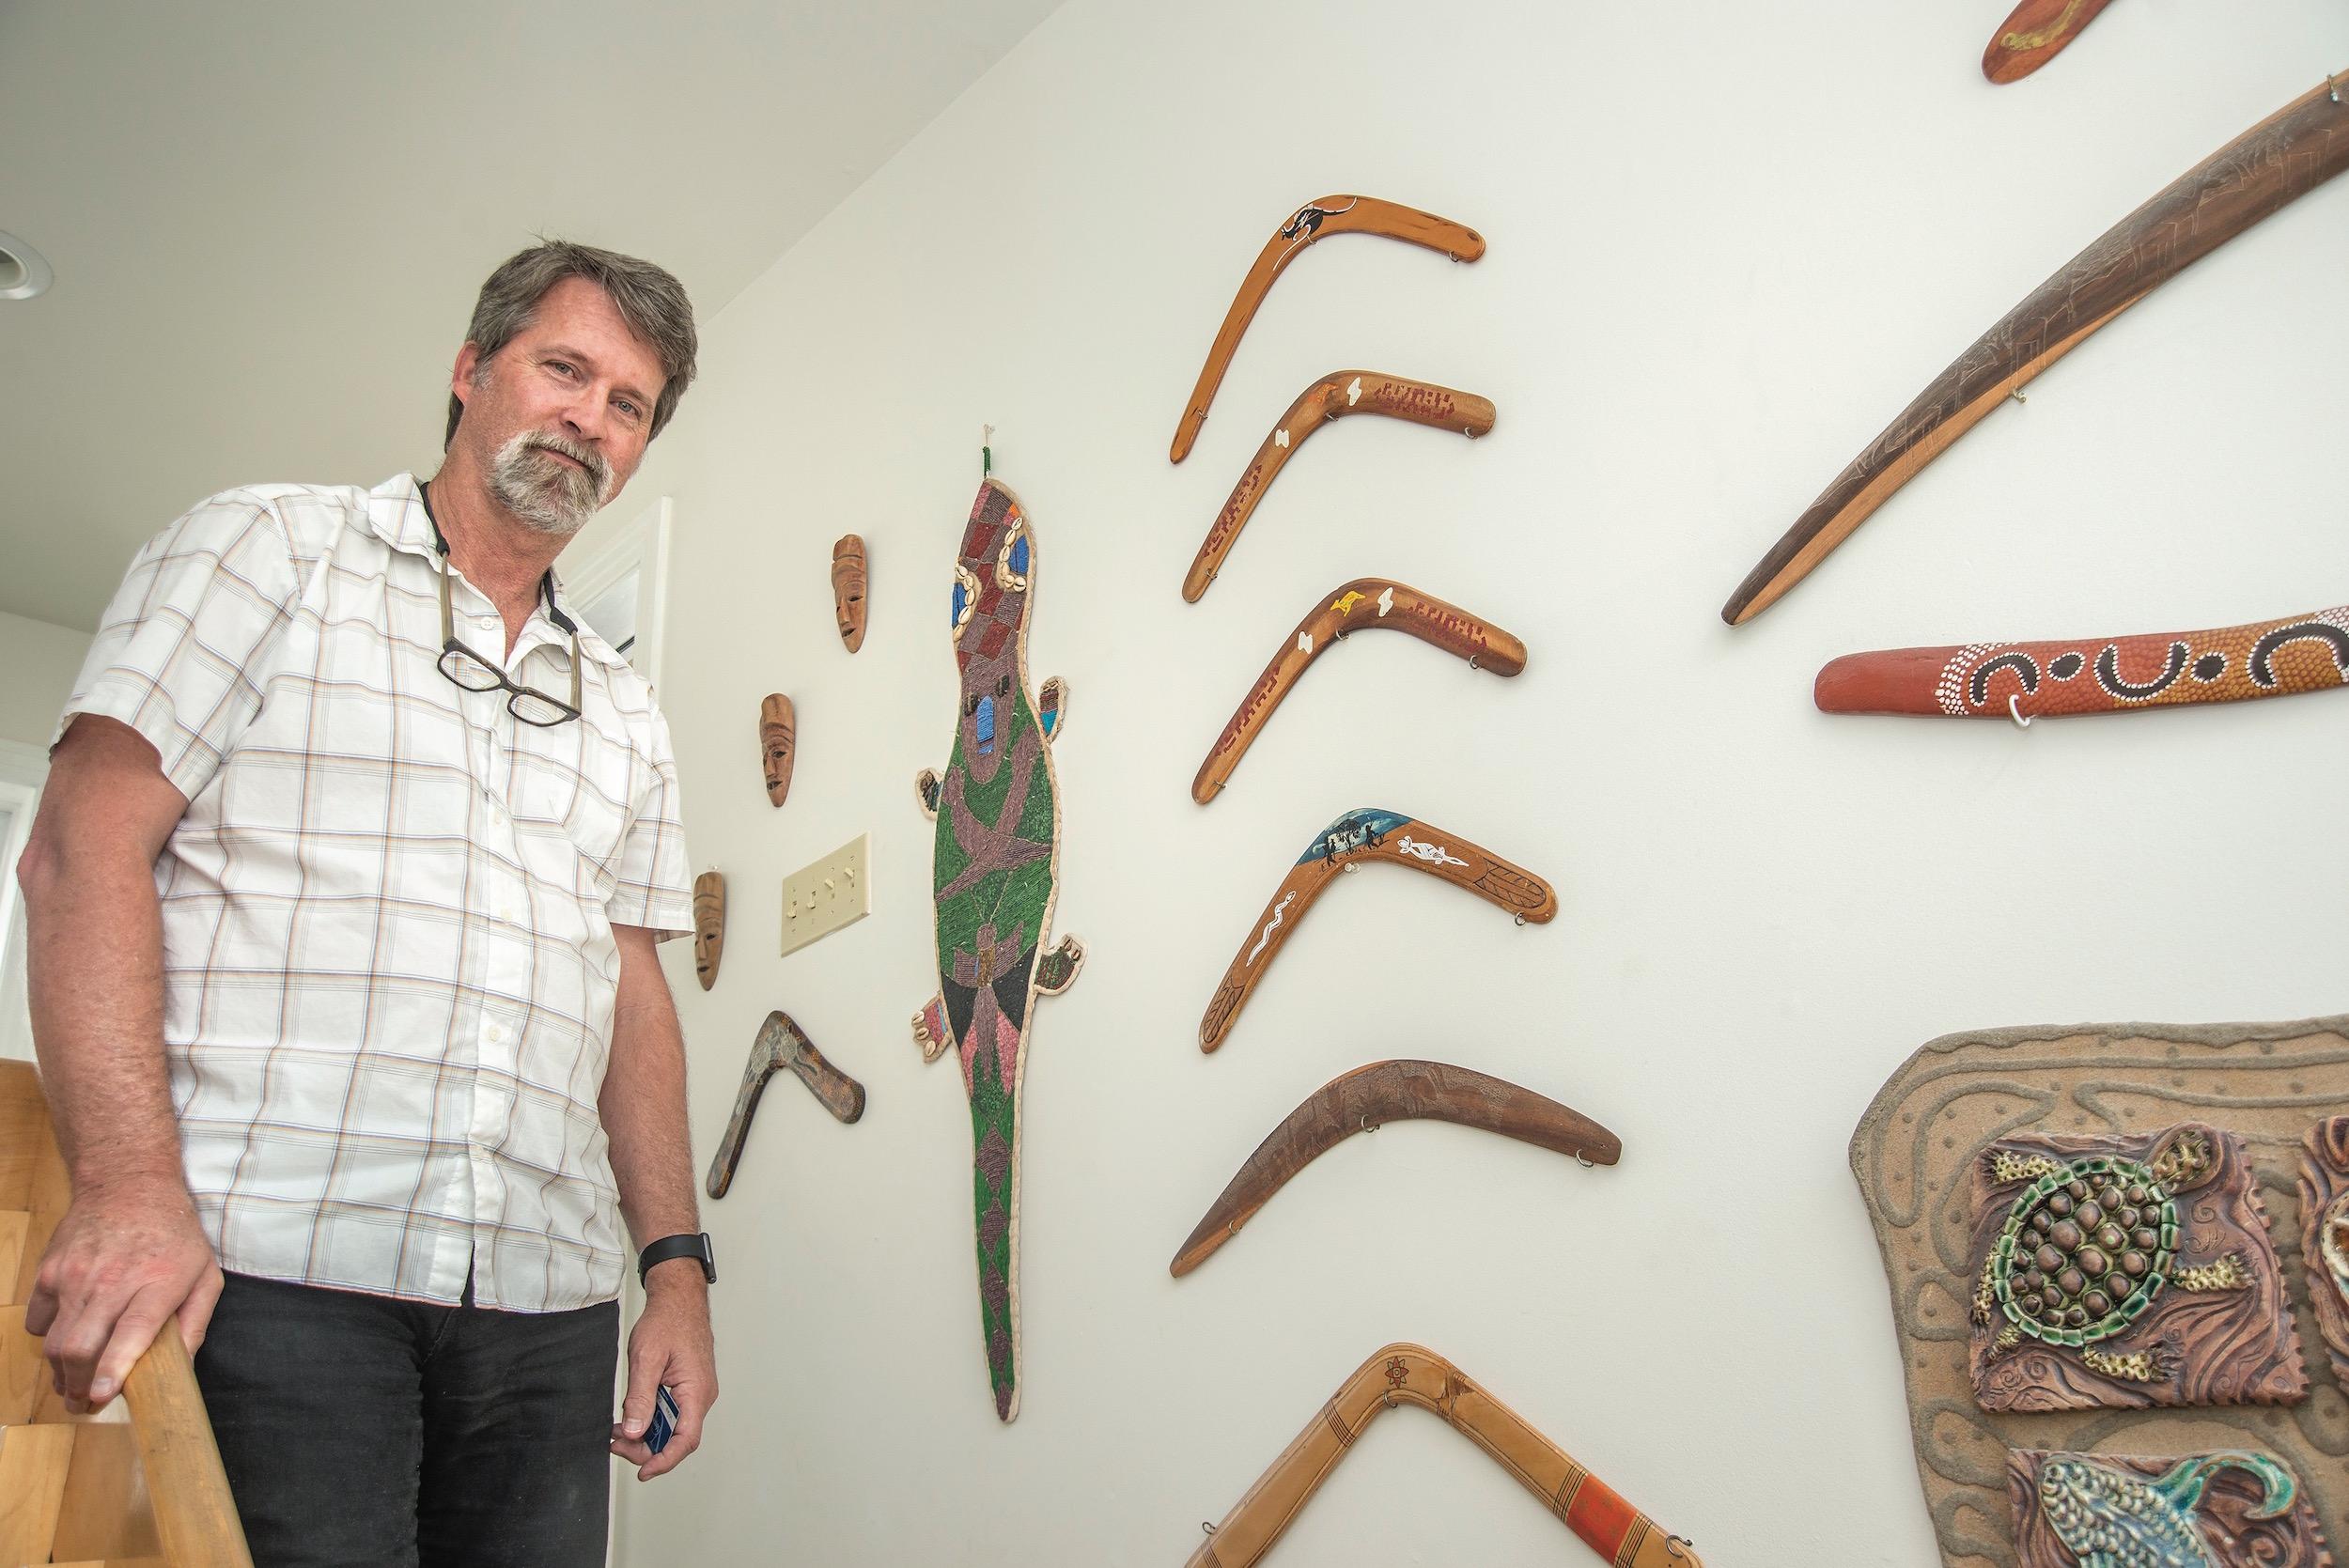 John Koehler at Koehler Books, Virginia Beach